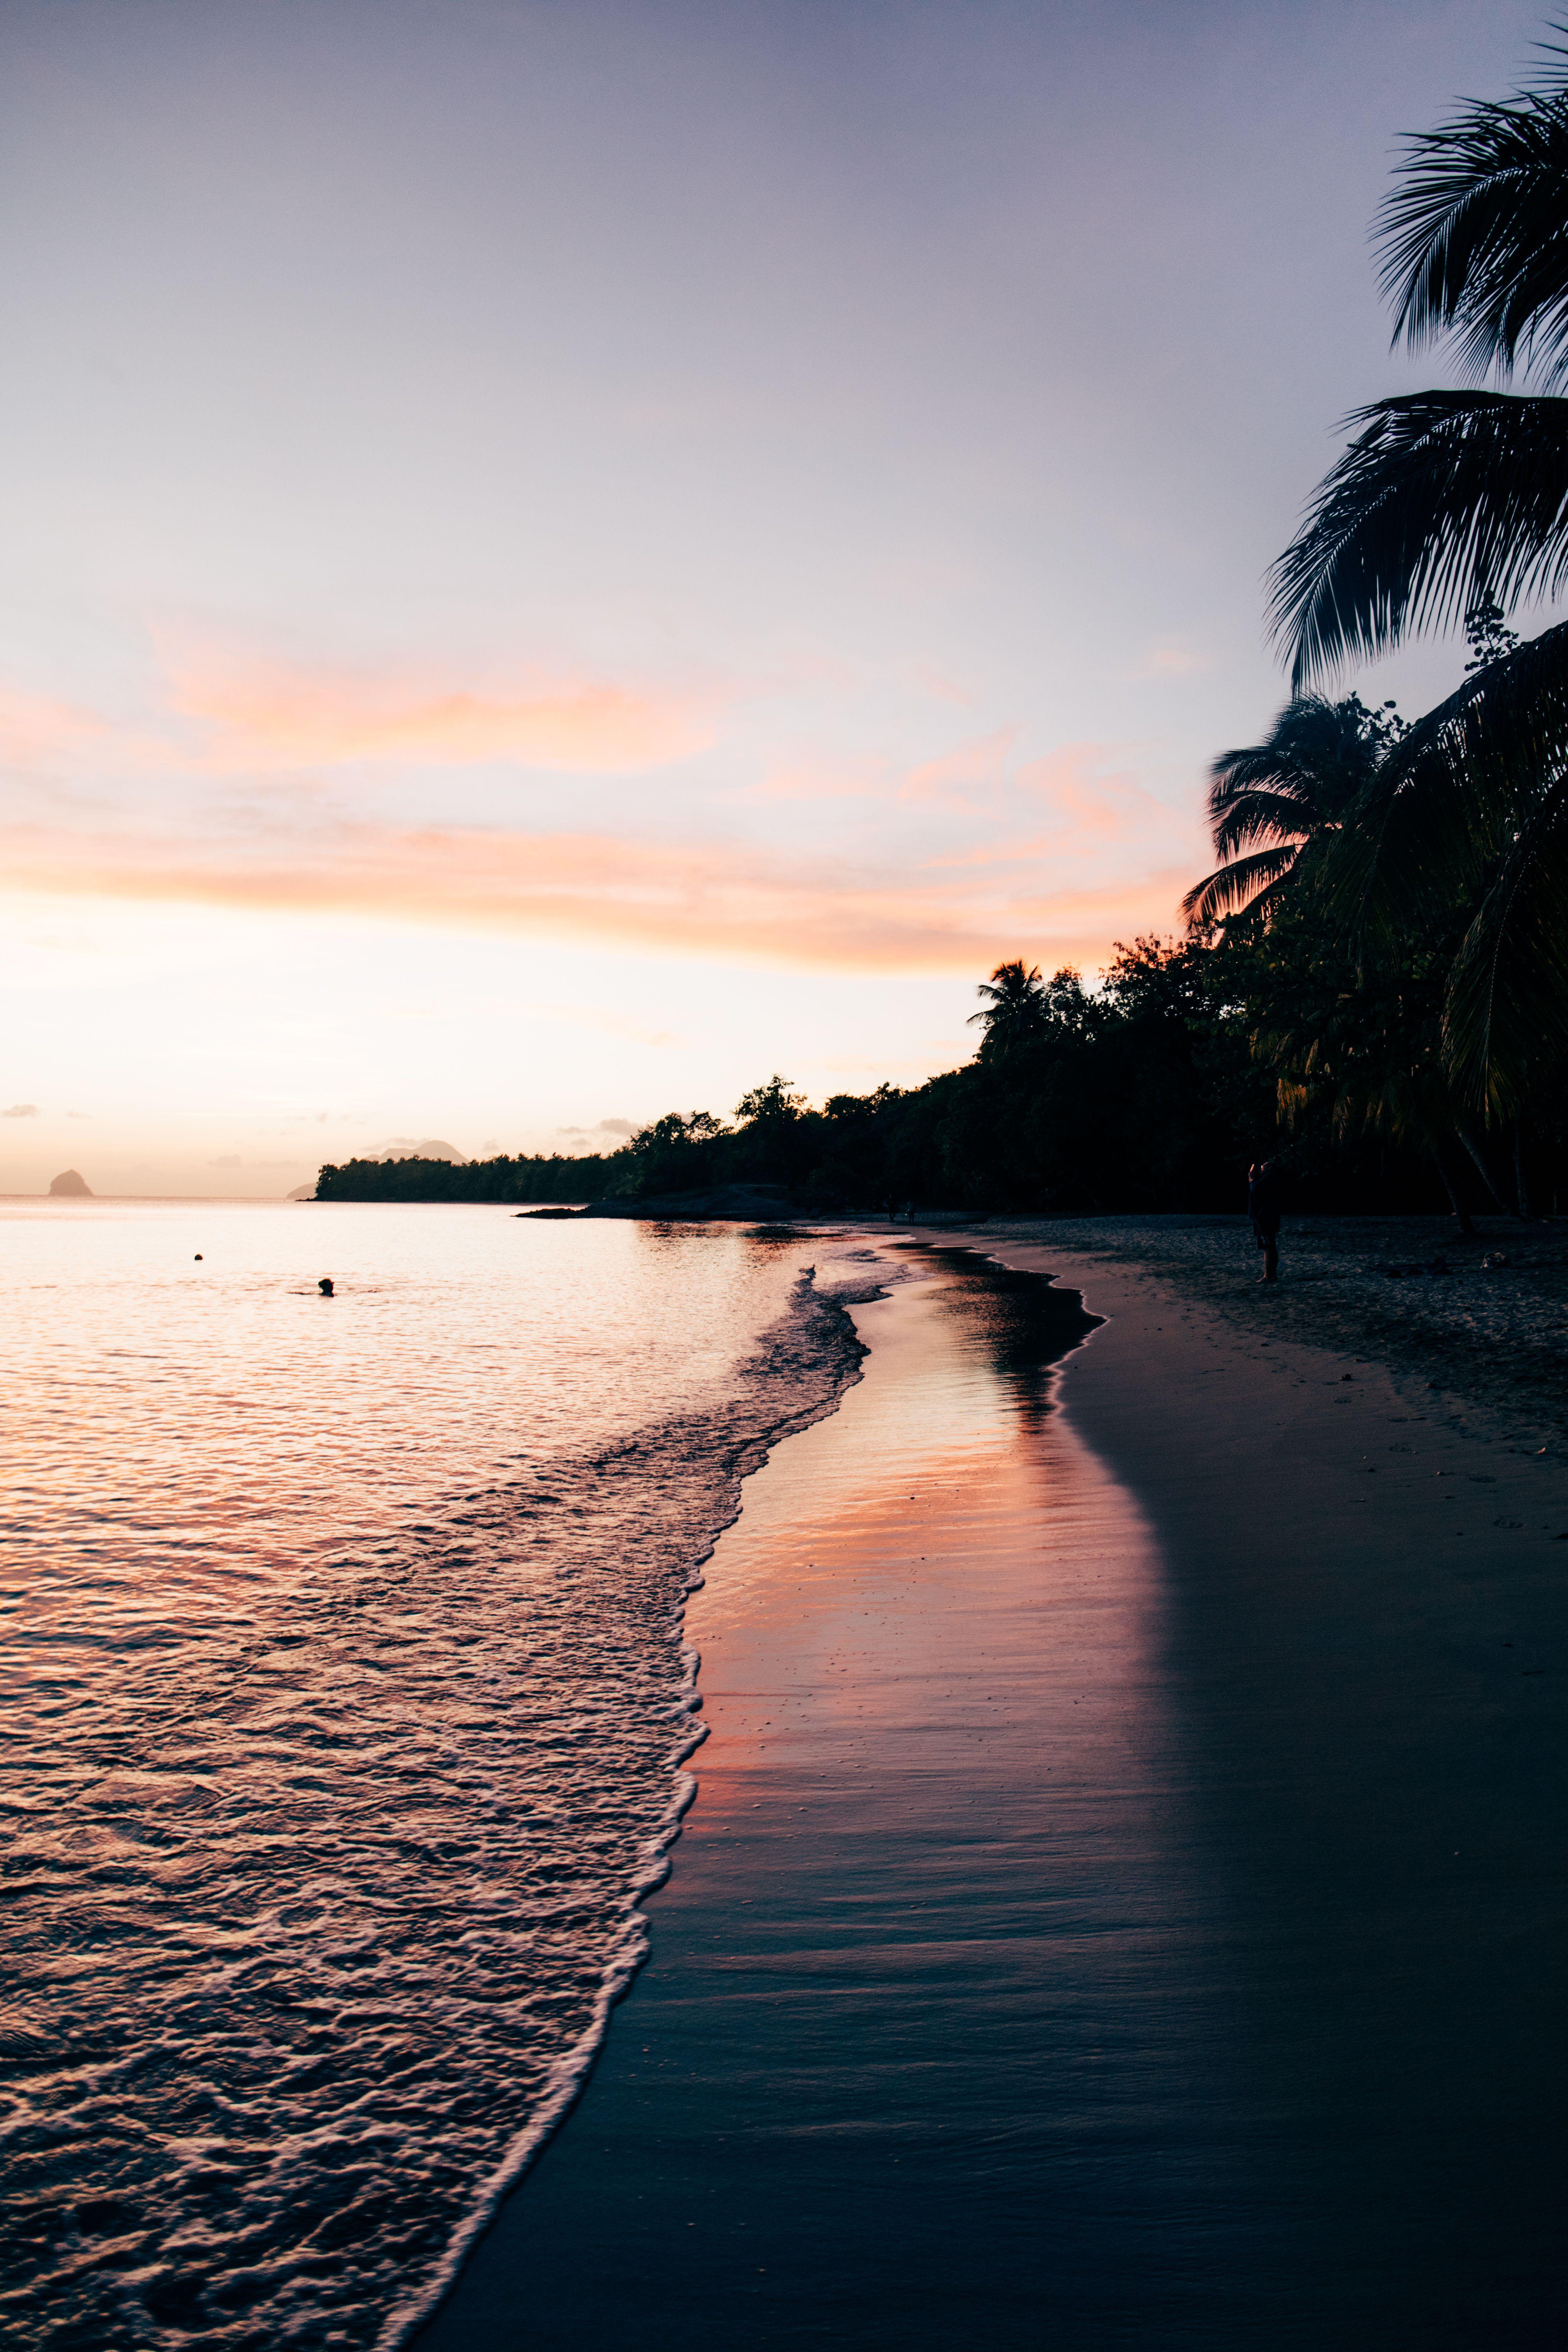 Carte Postale Du Village Pierre Et Vacances Martinique Hellolaroux Photo Paysage Magnifique Images Paysages Photos Paysage